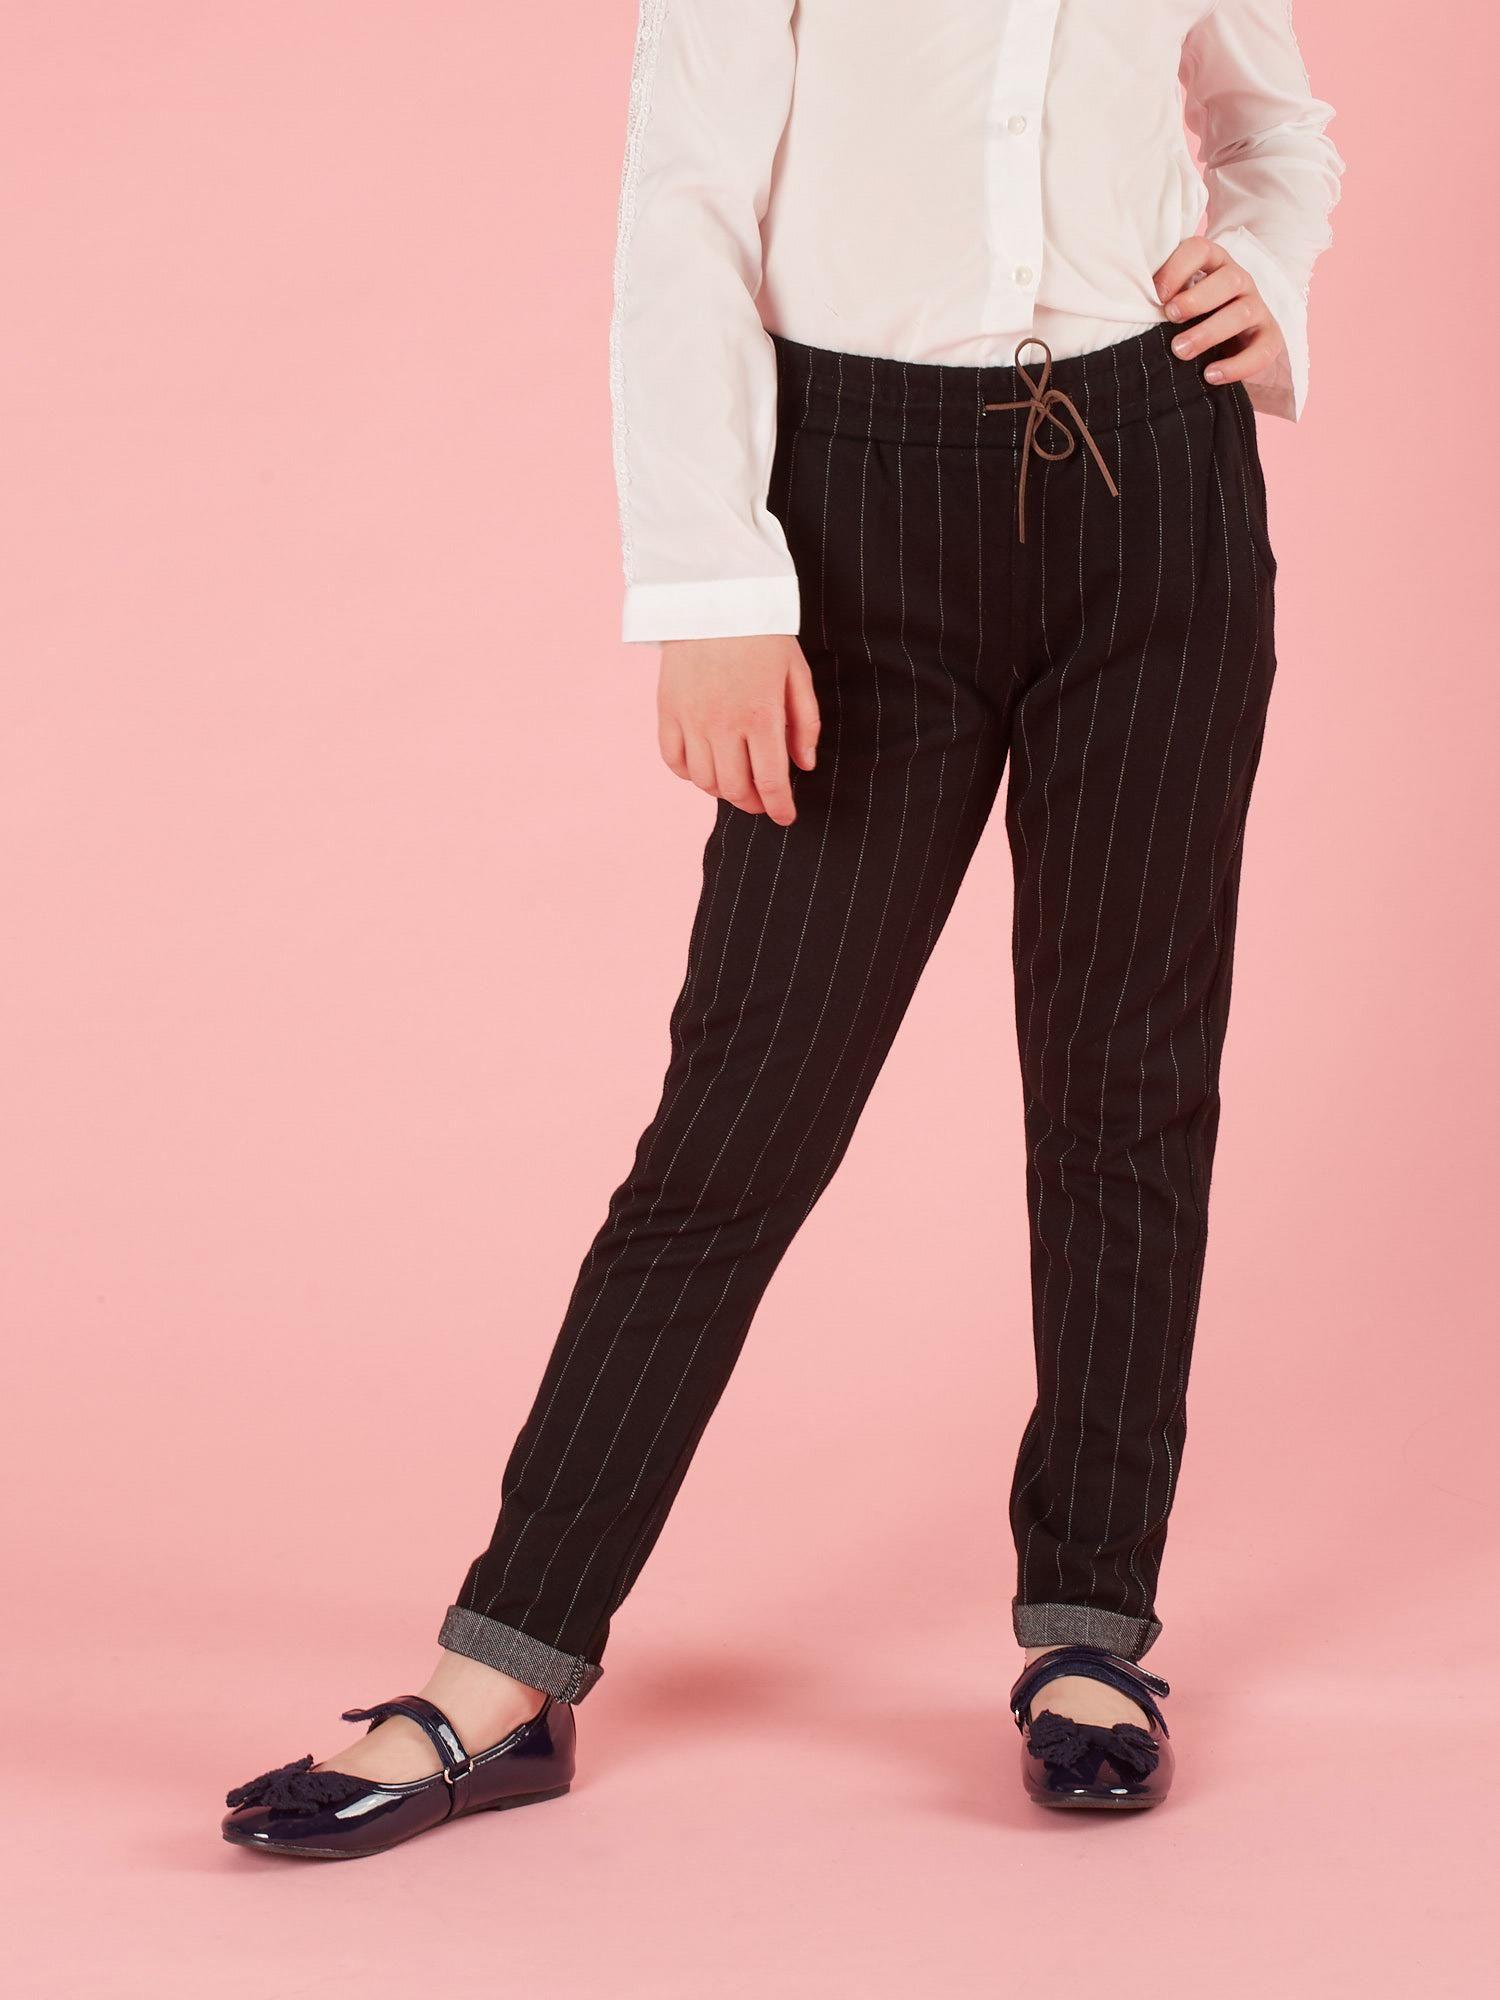 5e86ae7cc Czarne spodnie dla dziewczynki w paski - Dziecko Dziewczynka - sklep  eButik.pl